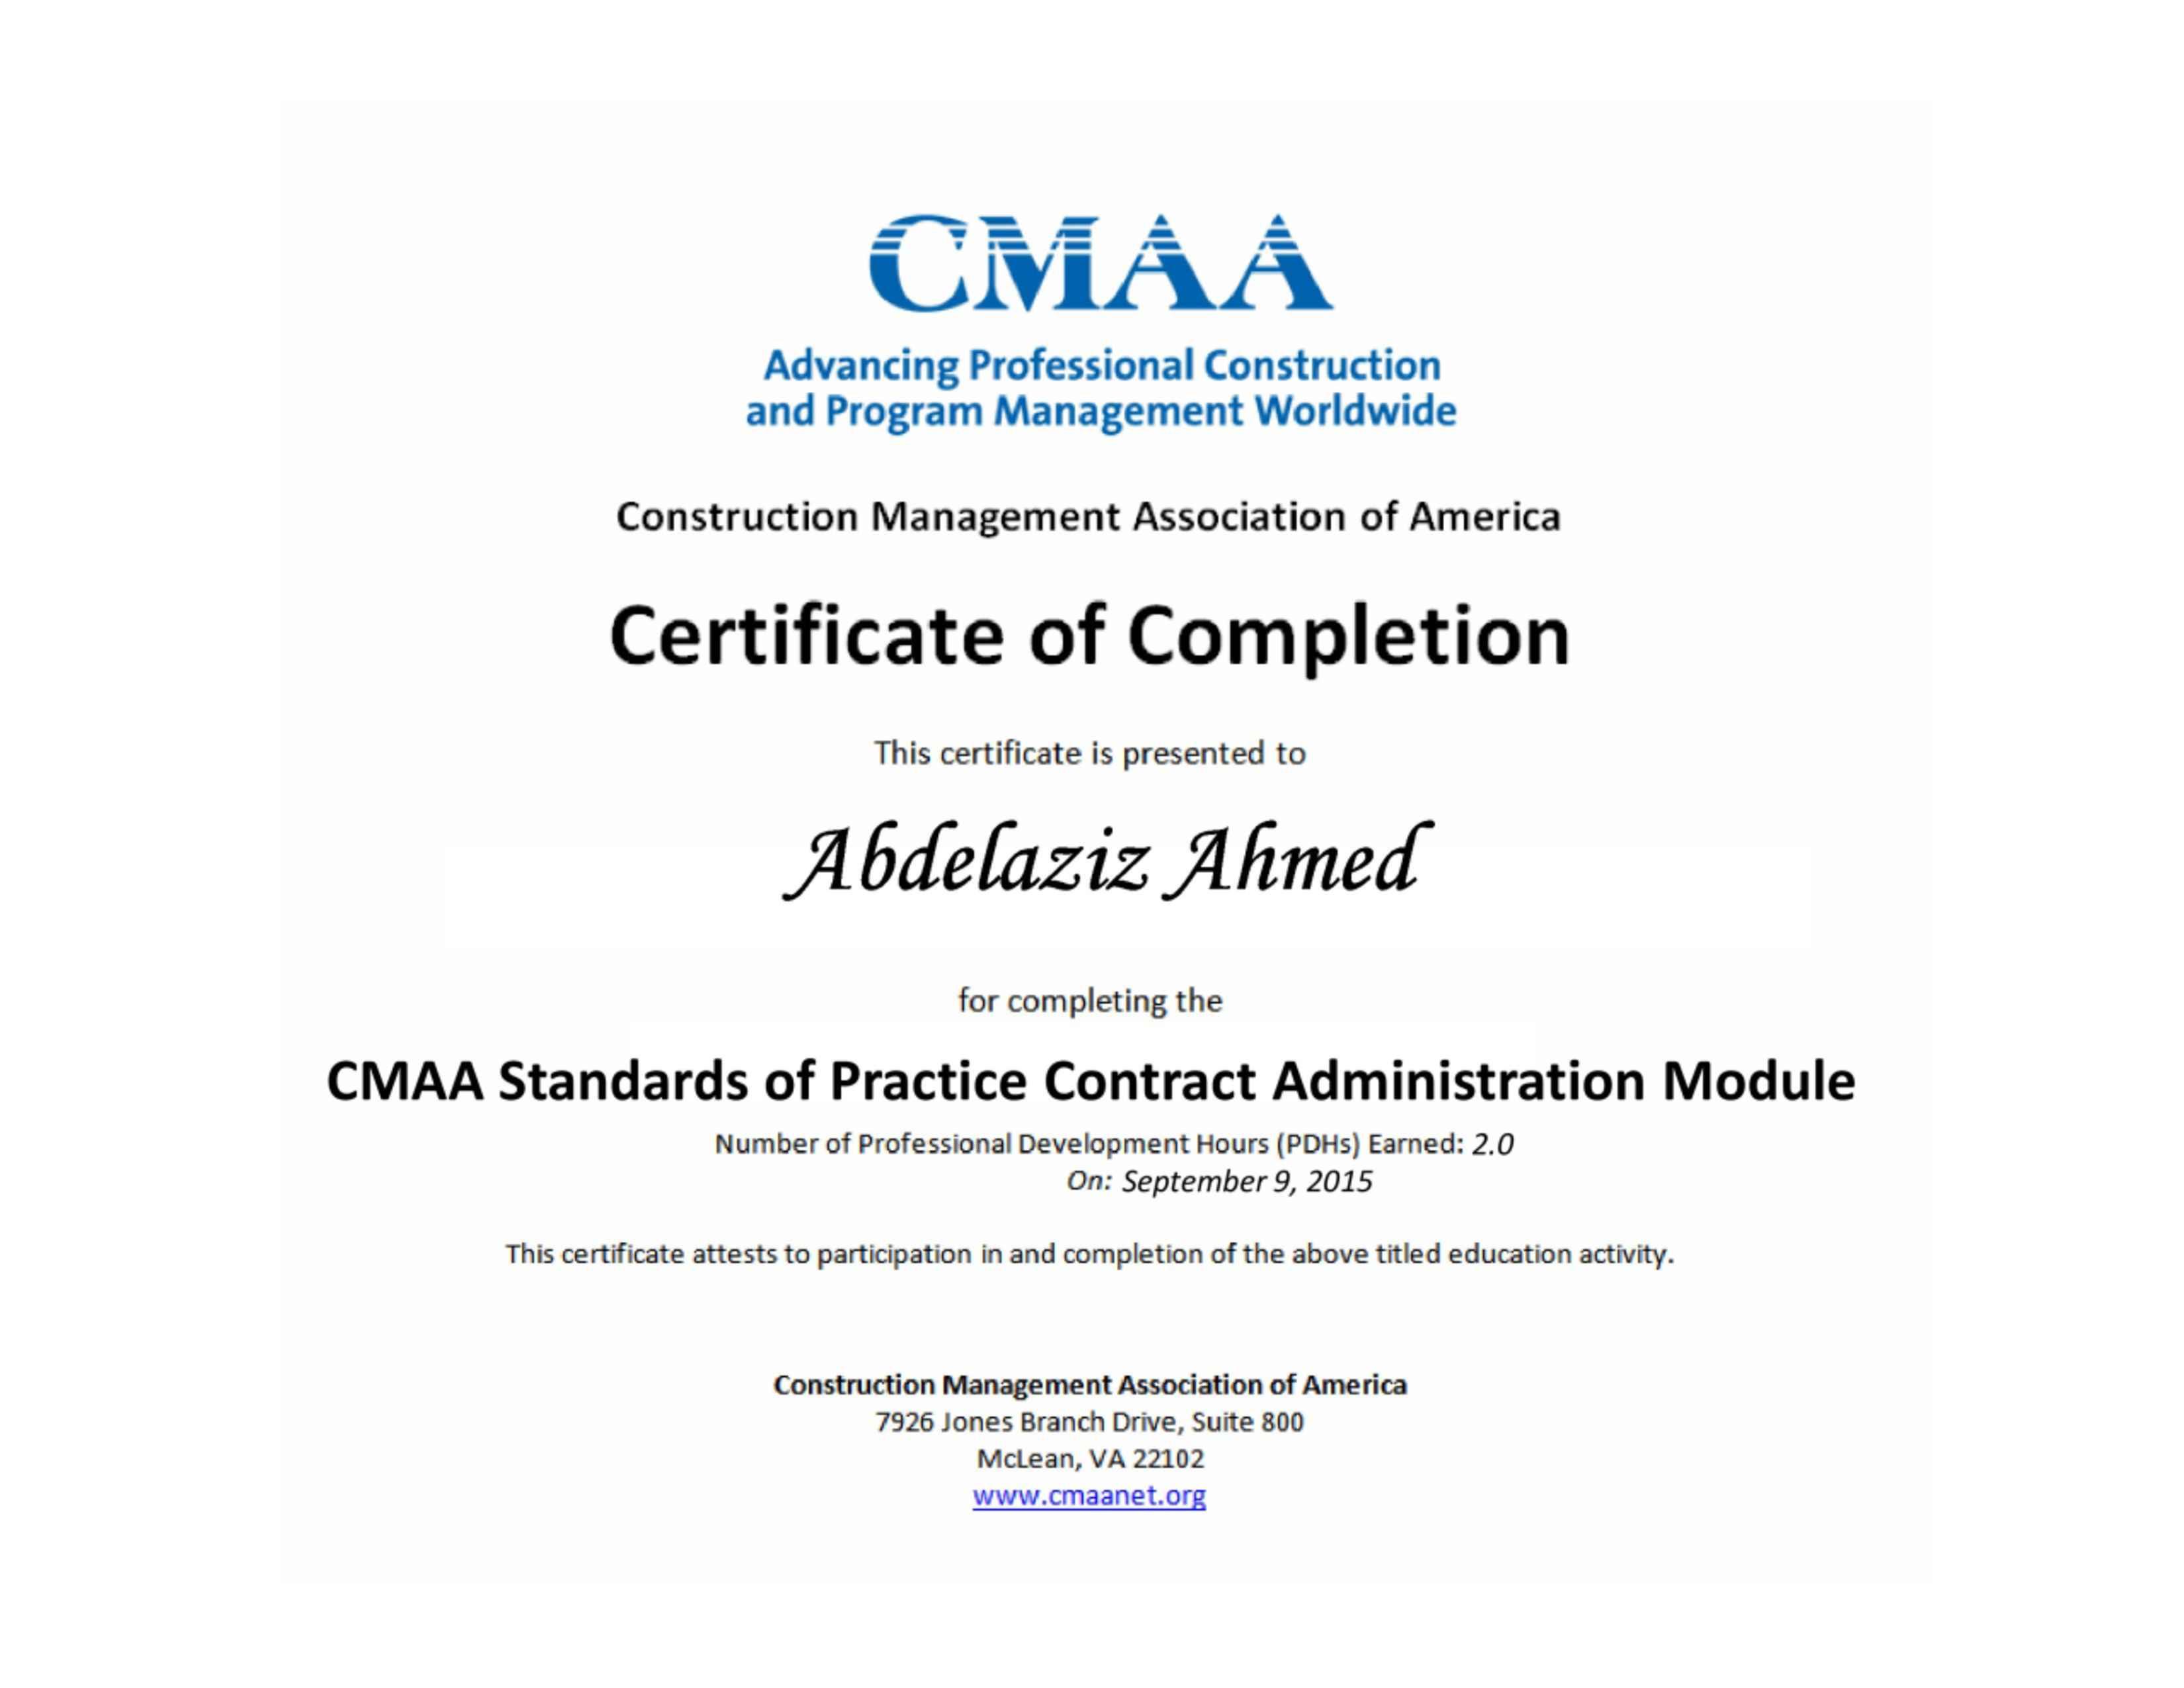 Dorable Cmaa Certification Coleccin Para La Aplicacin De Acta De